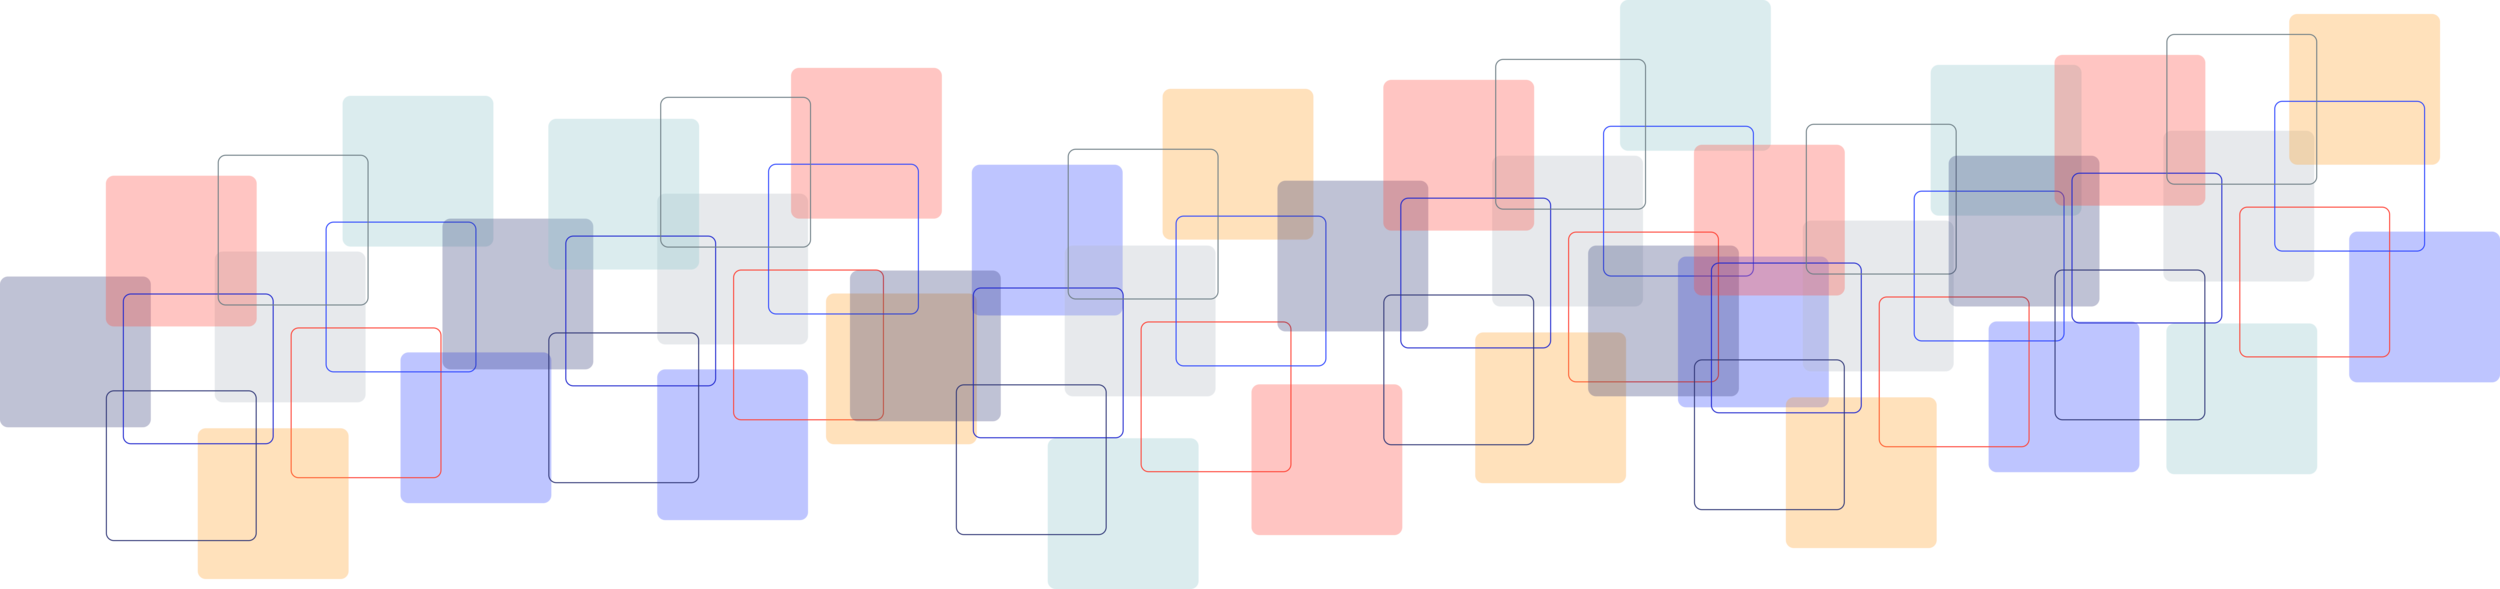 divider-color.png